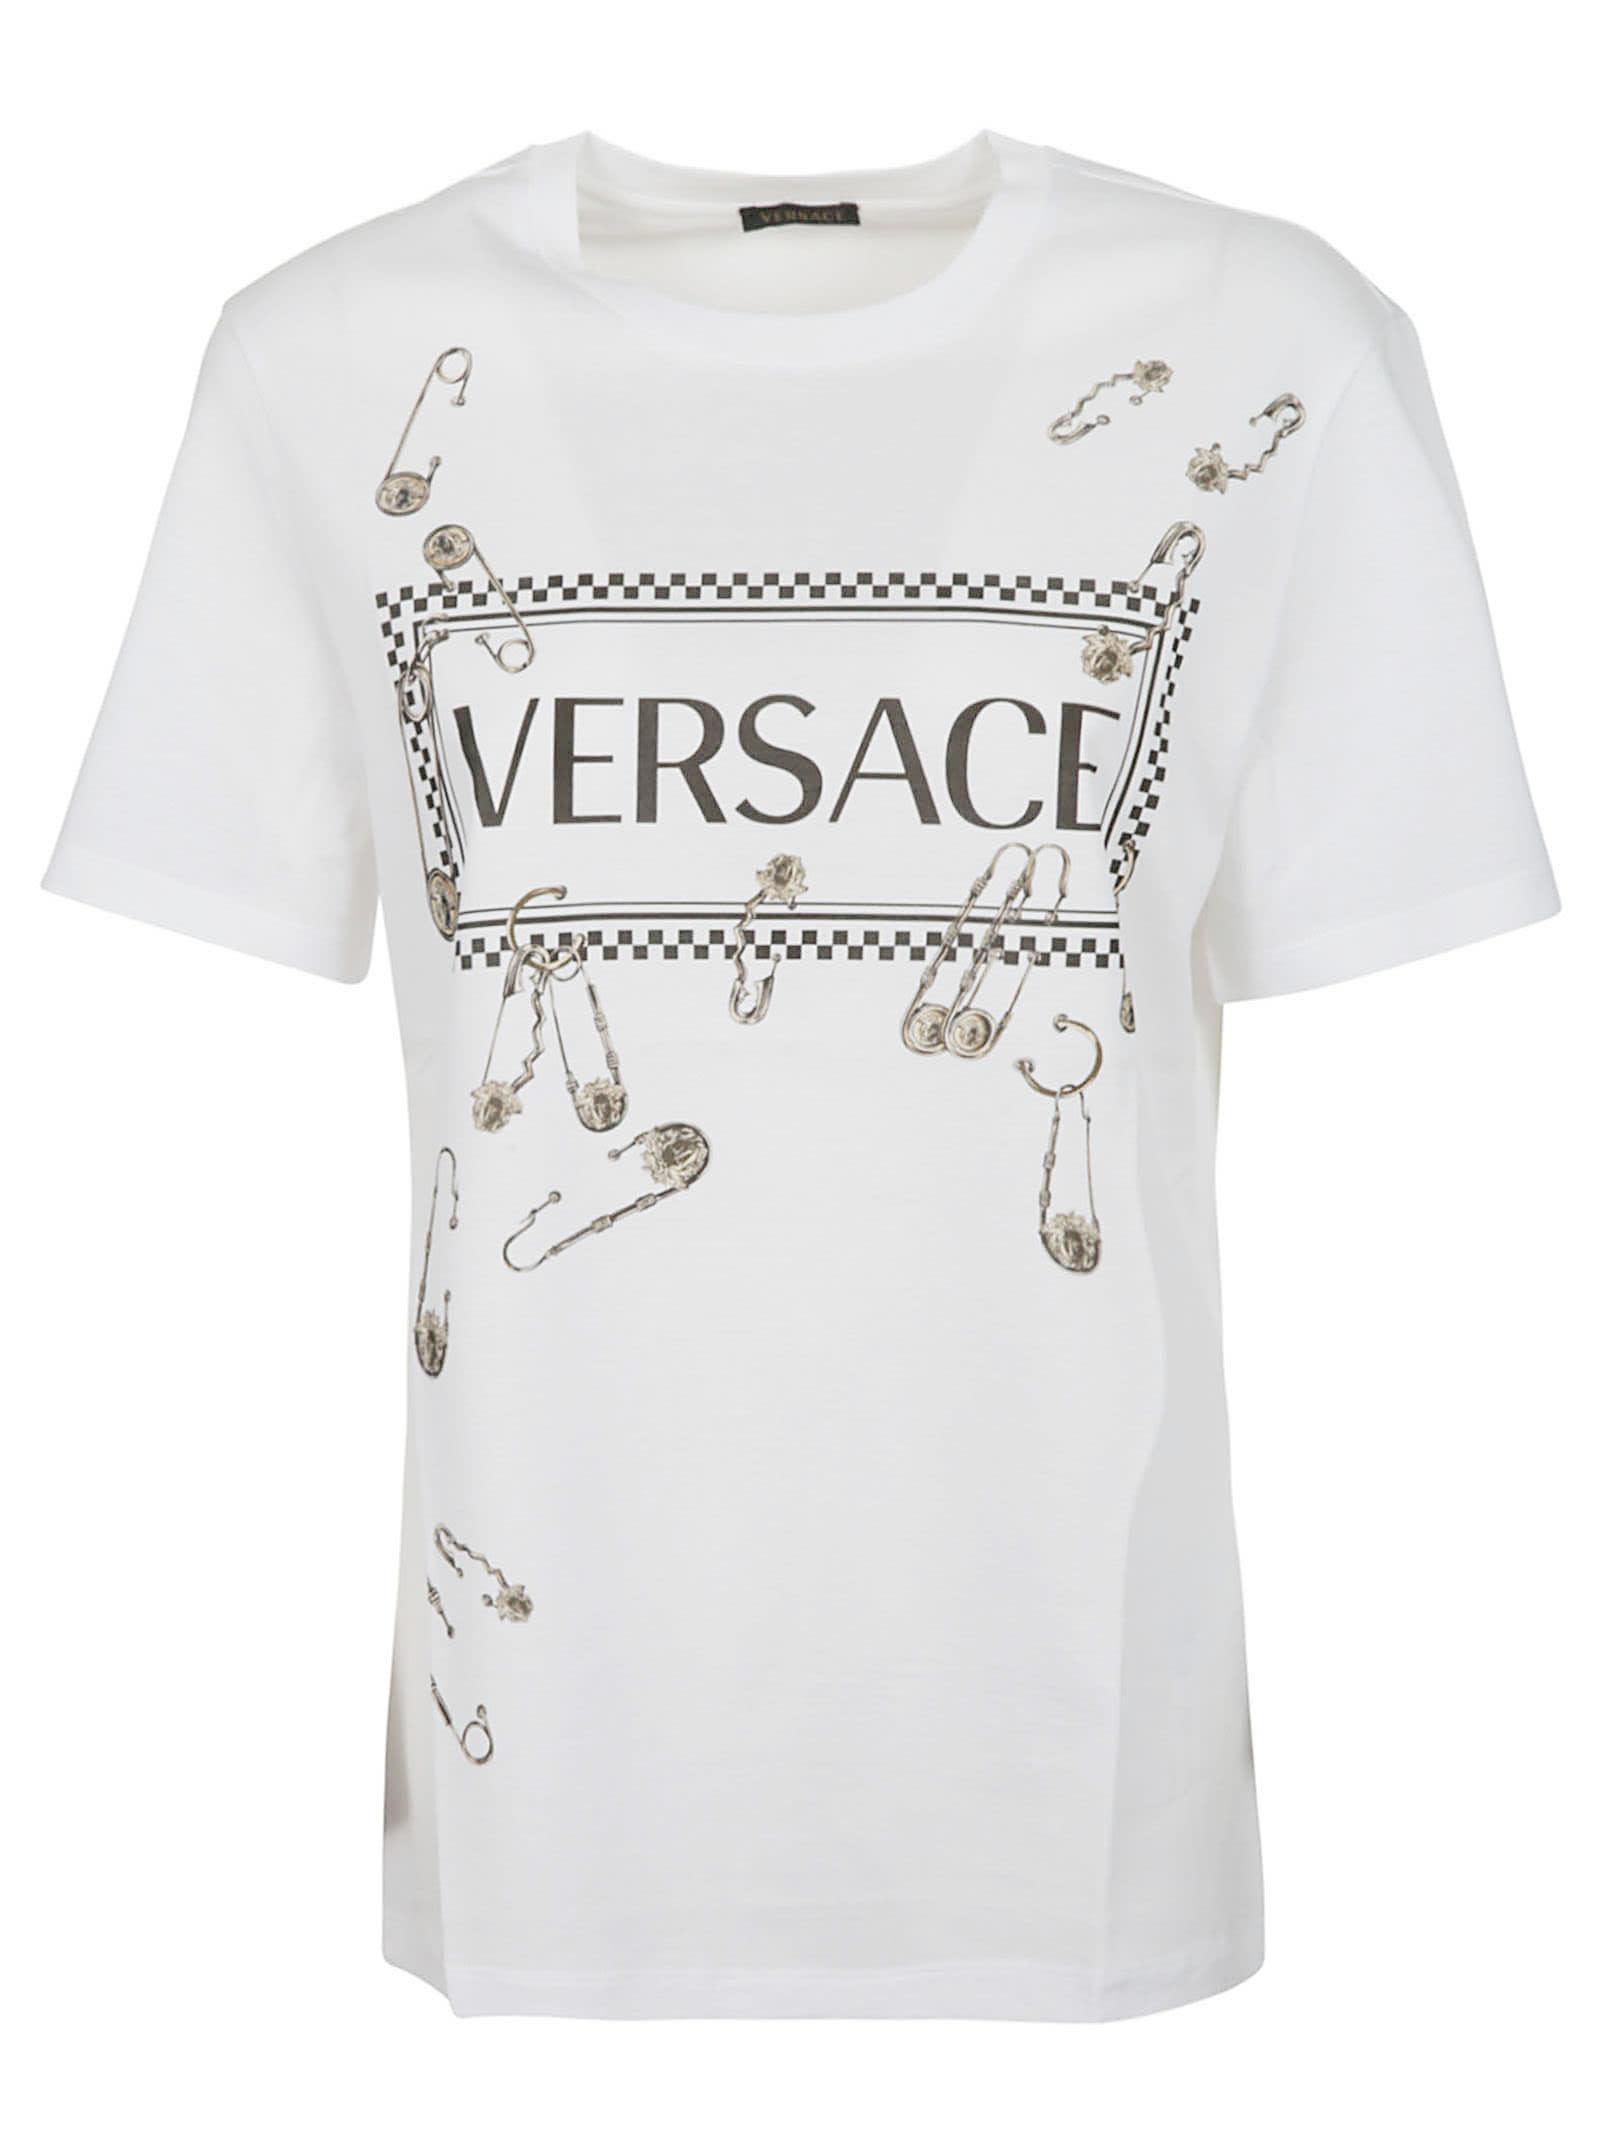 b2fbbb02 Versace Printed Cotton T-shirt